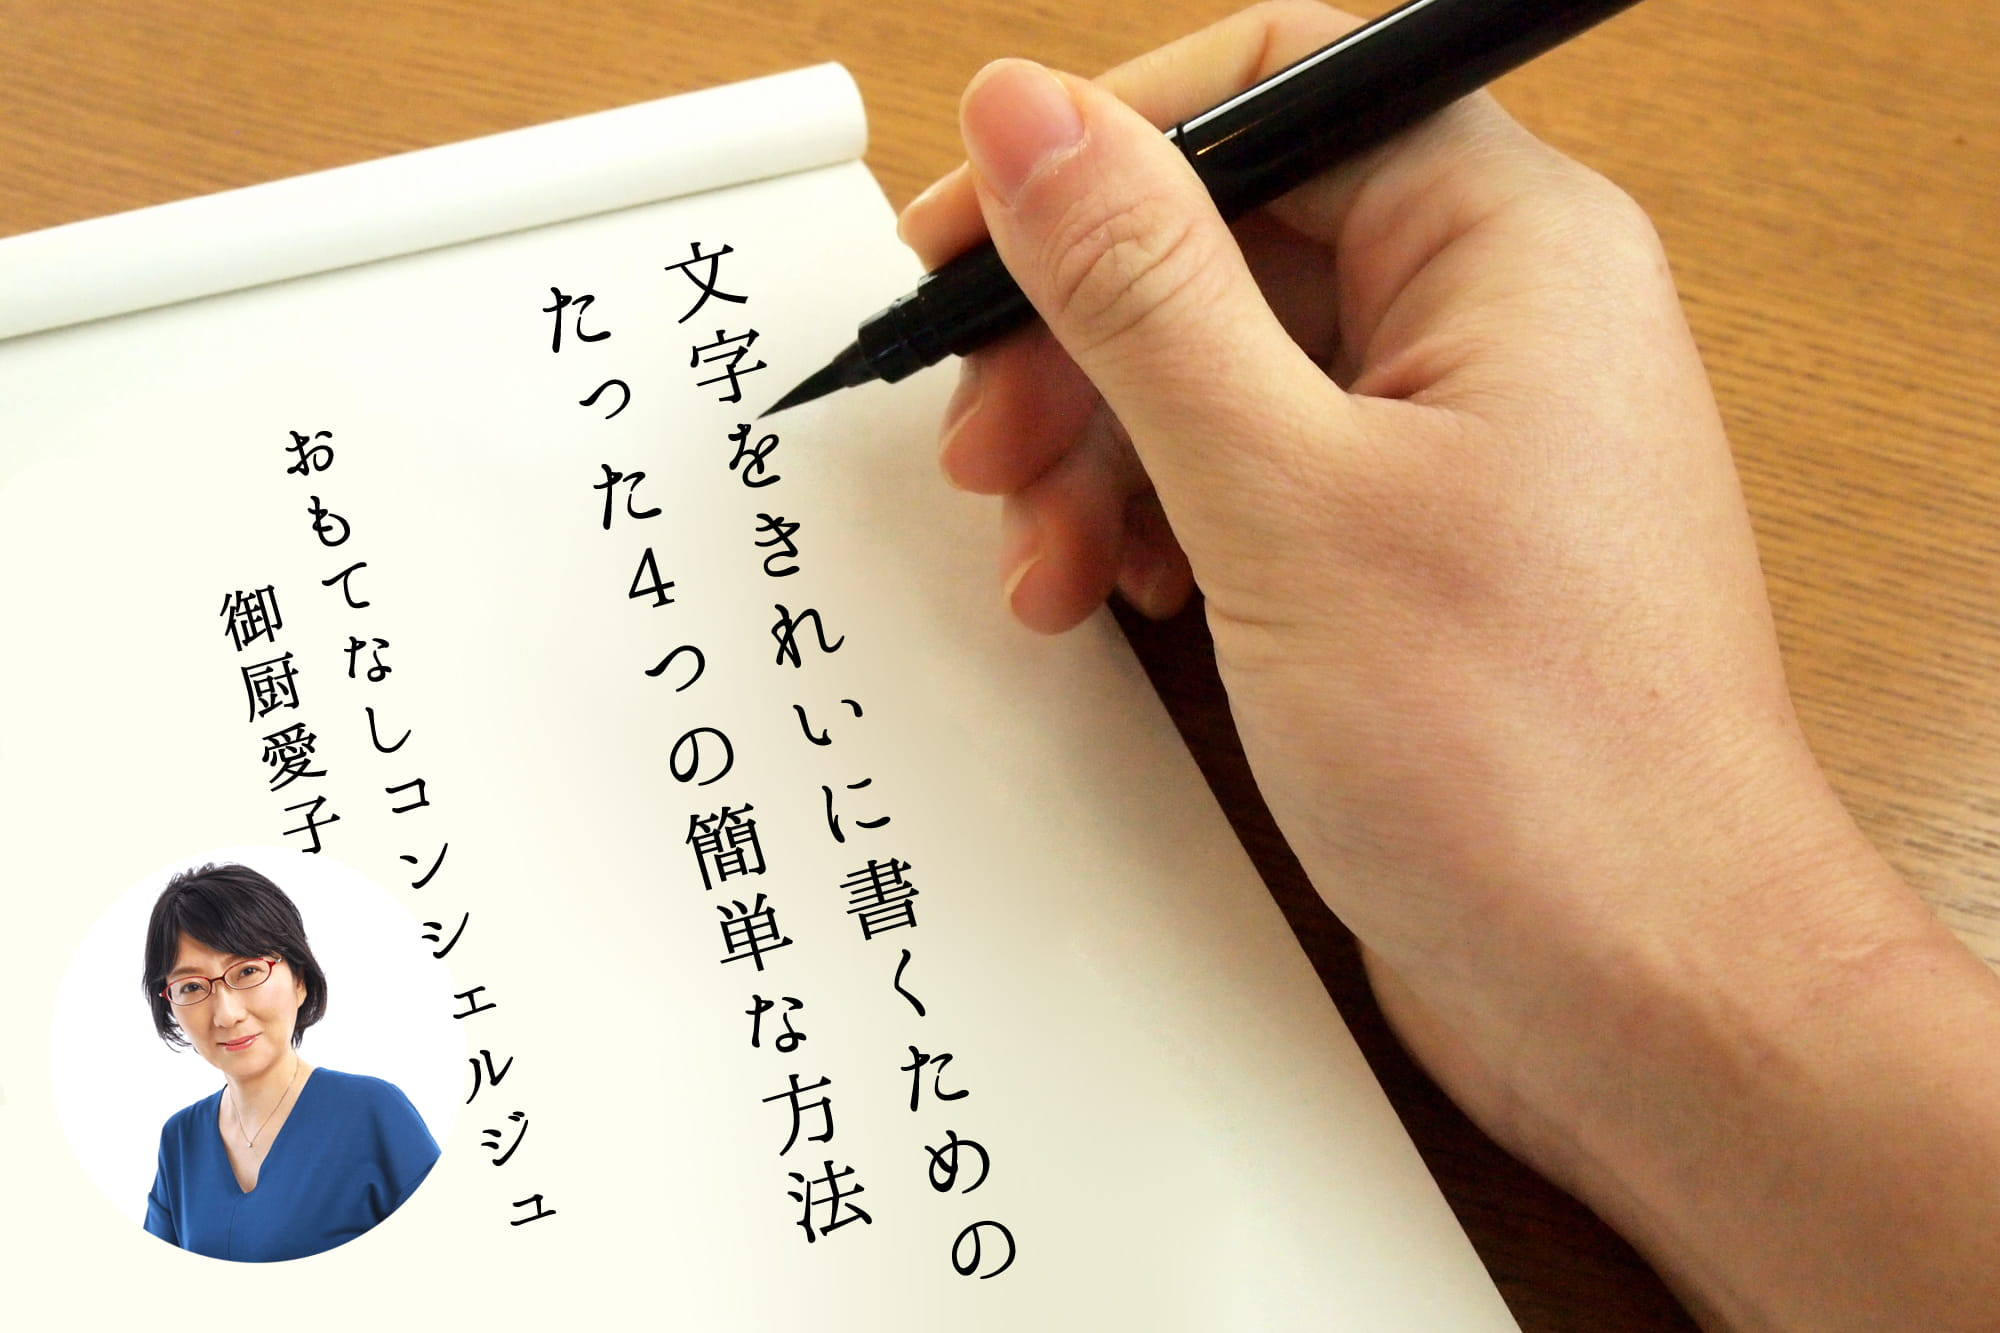 文字をきれいに書くためのたった4つの簡単な方法